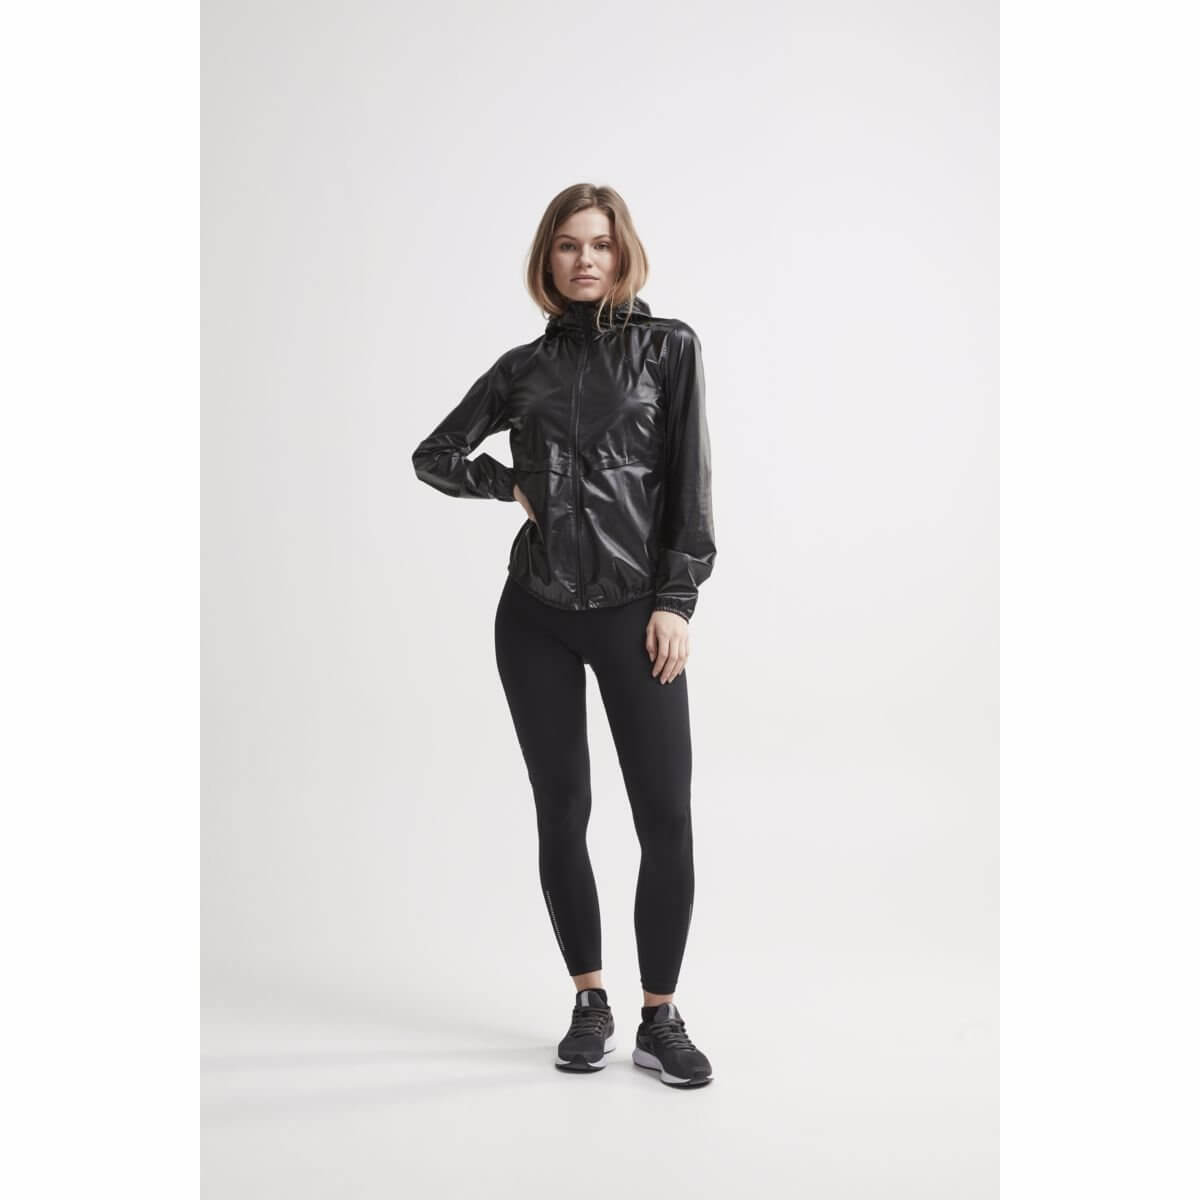 a4fc0c9c80be Craft W Kalhoty Nanoweight 7 8 černá - dámske nohavice